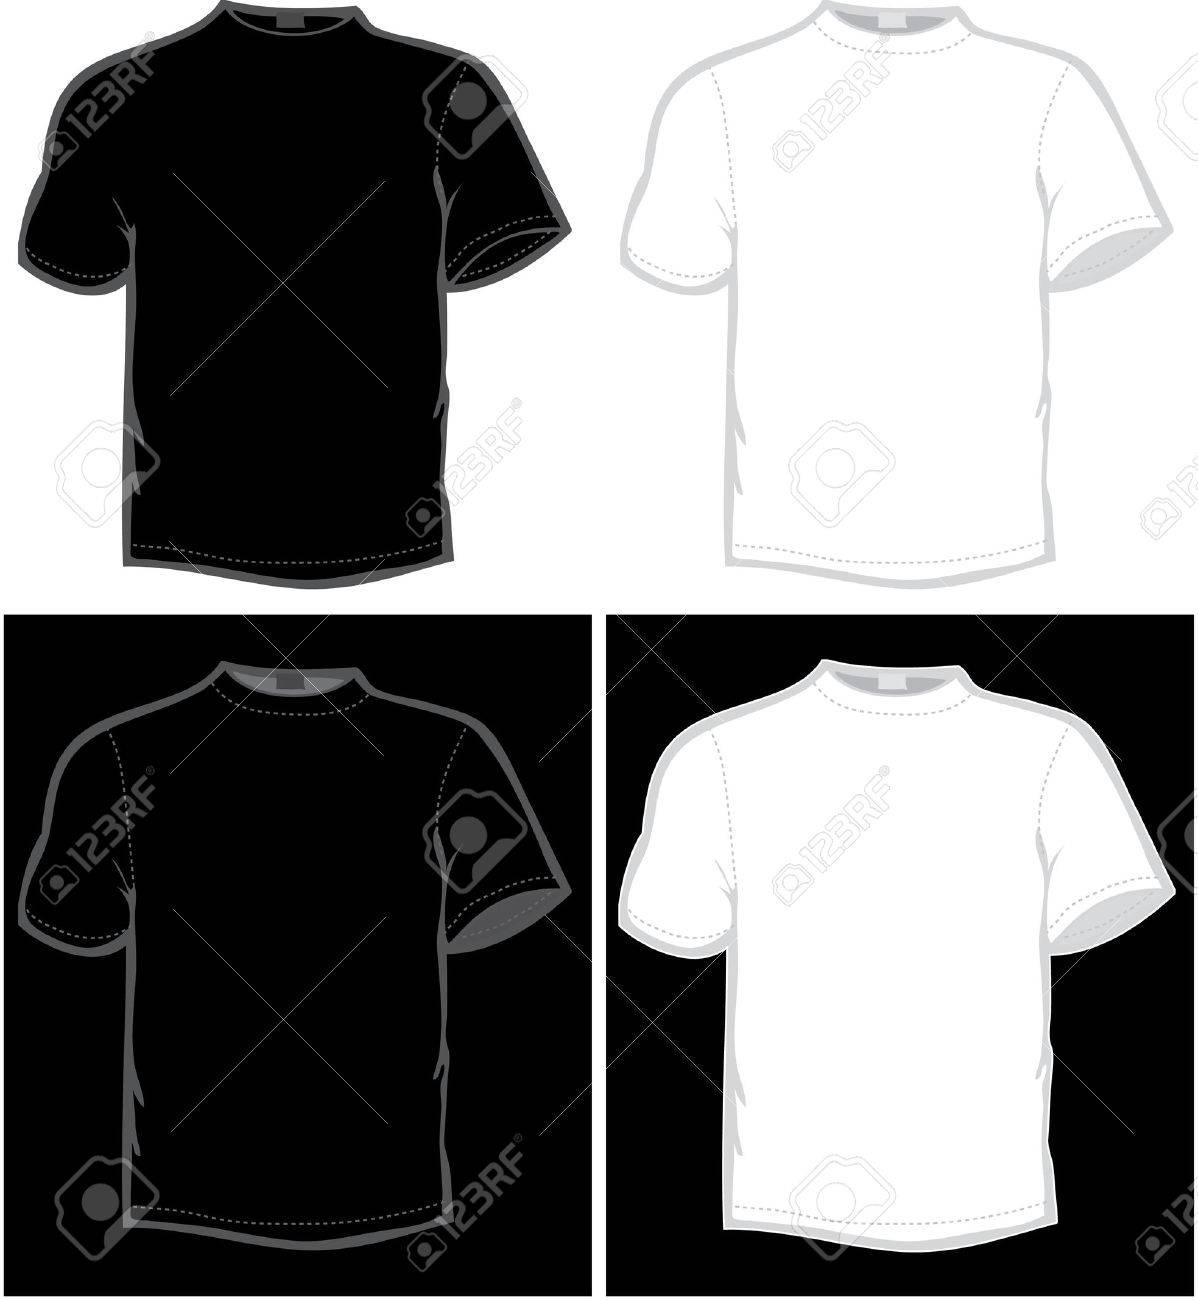 Black t shirt vector free - Black T Shirt Vector Photoshop Vector Vector T Shirt In Black And White Color